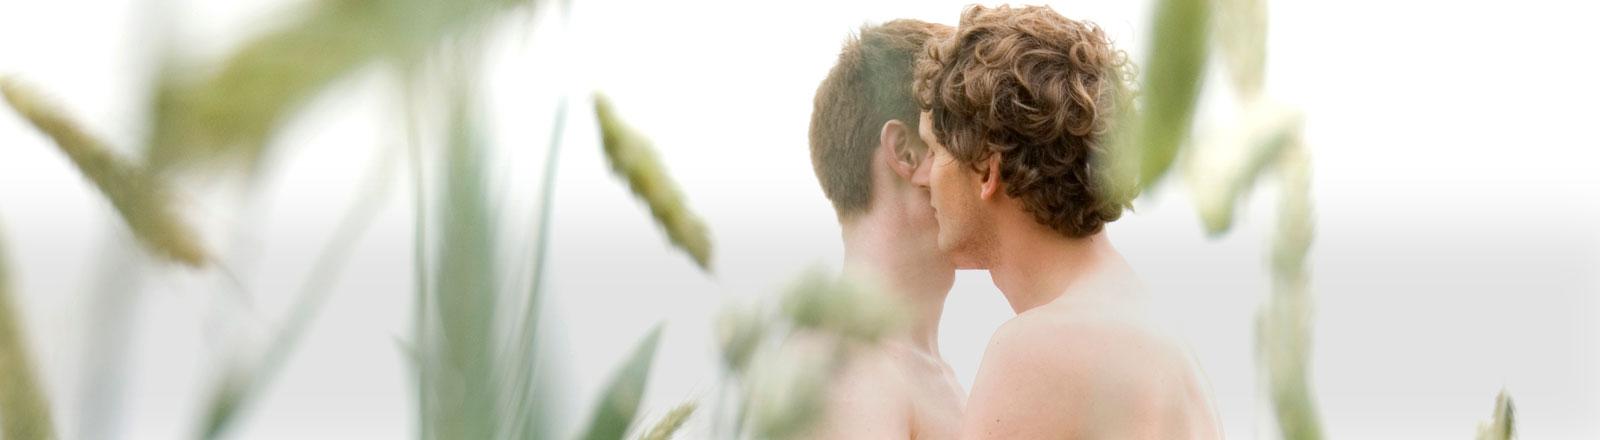 Zwei Männer stehen im Feld und küssen sich.